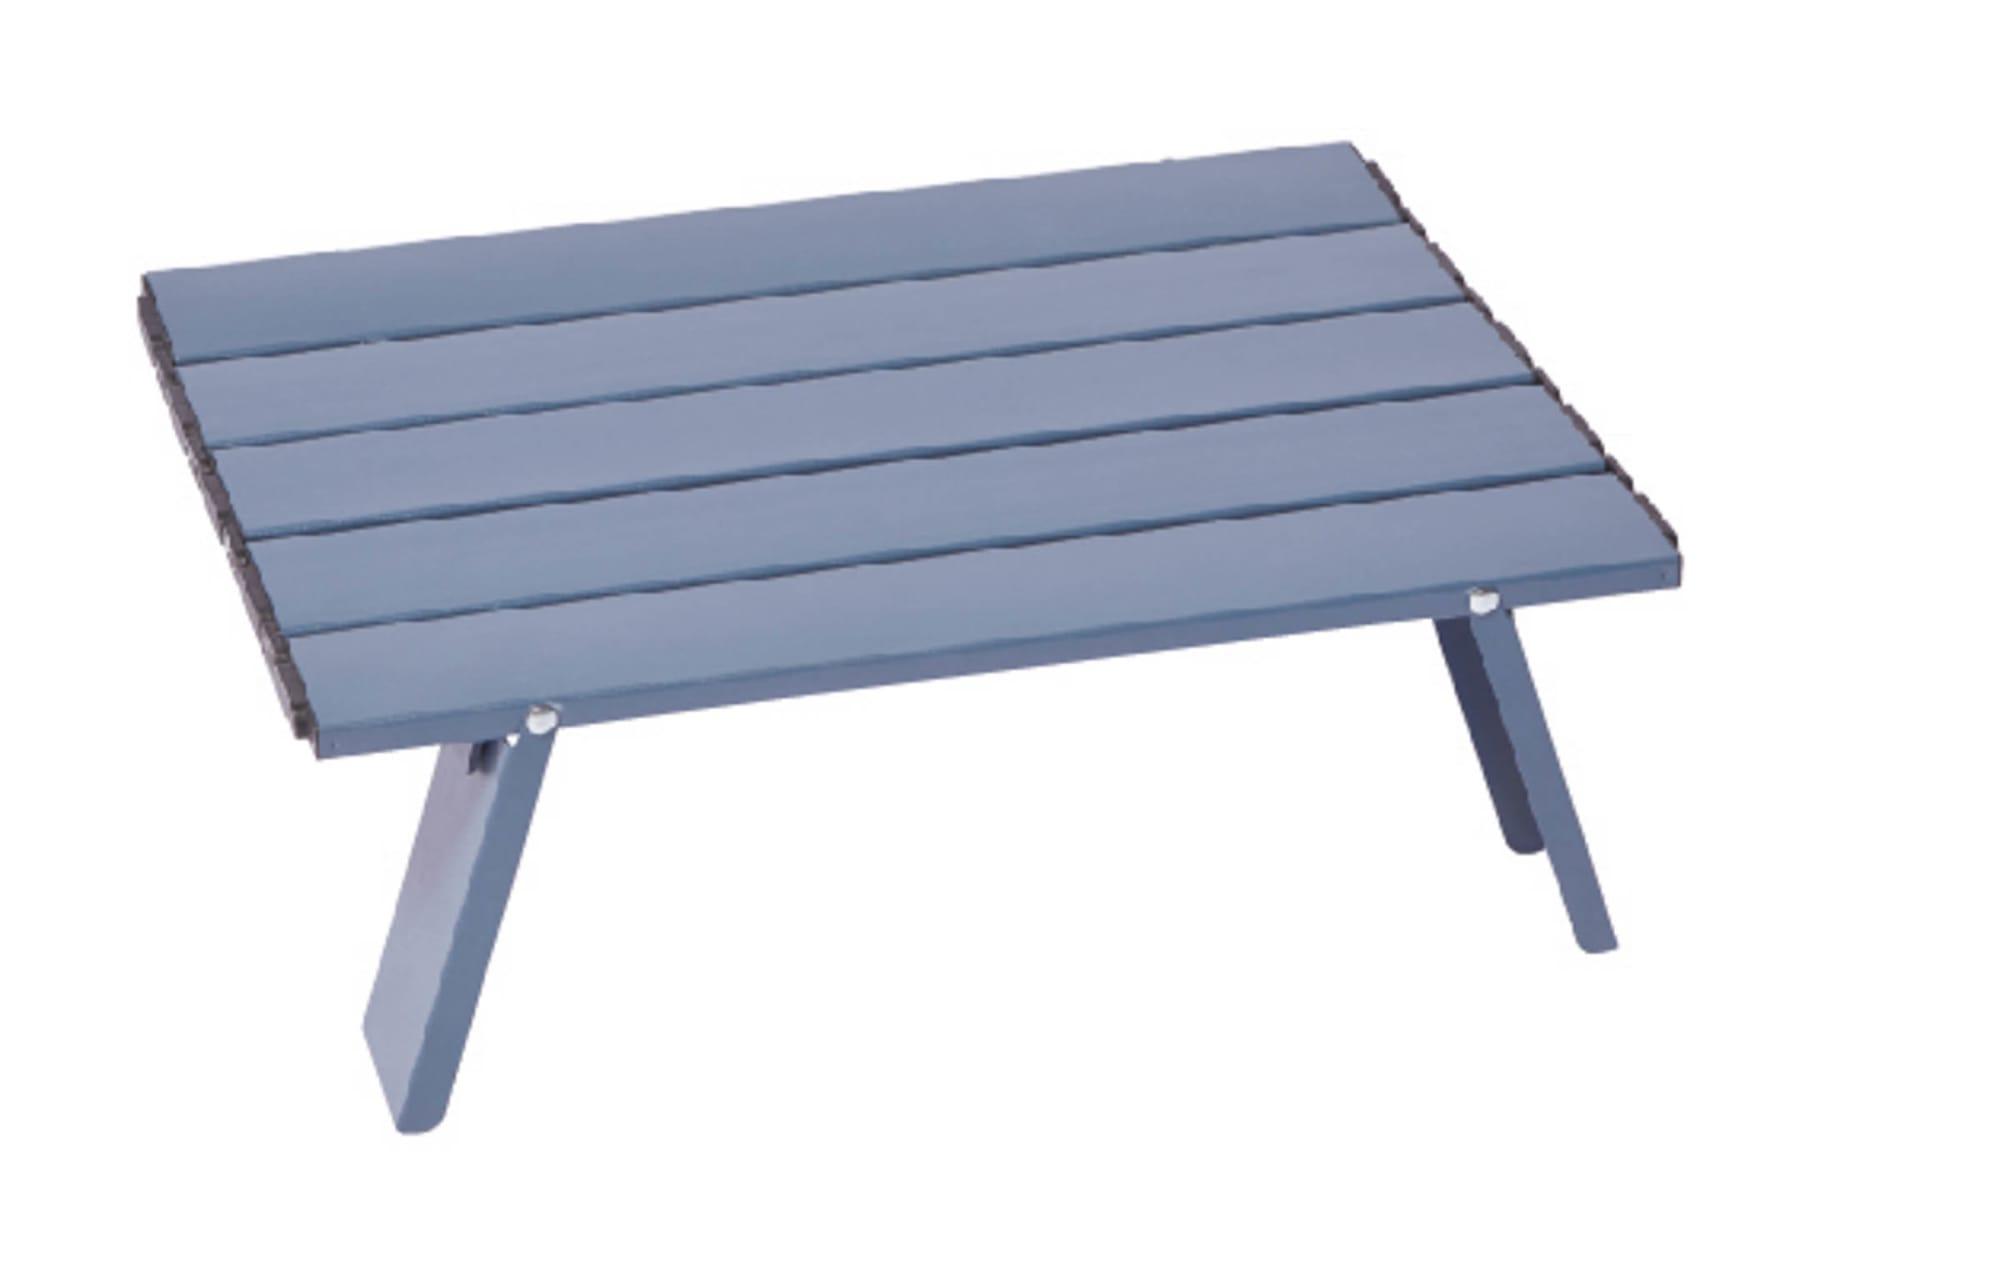 テーブル ワークマン ワークマンでアルミテーブルとチェアを購入してみました。